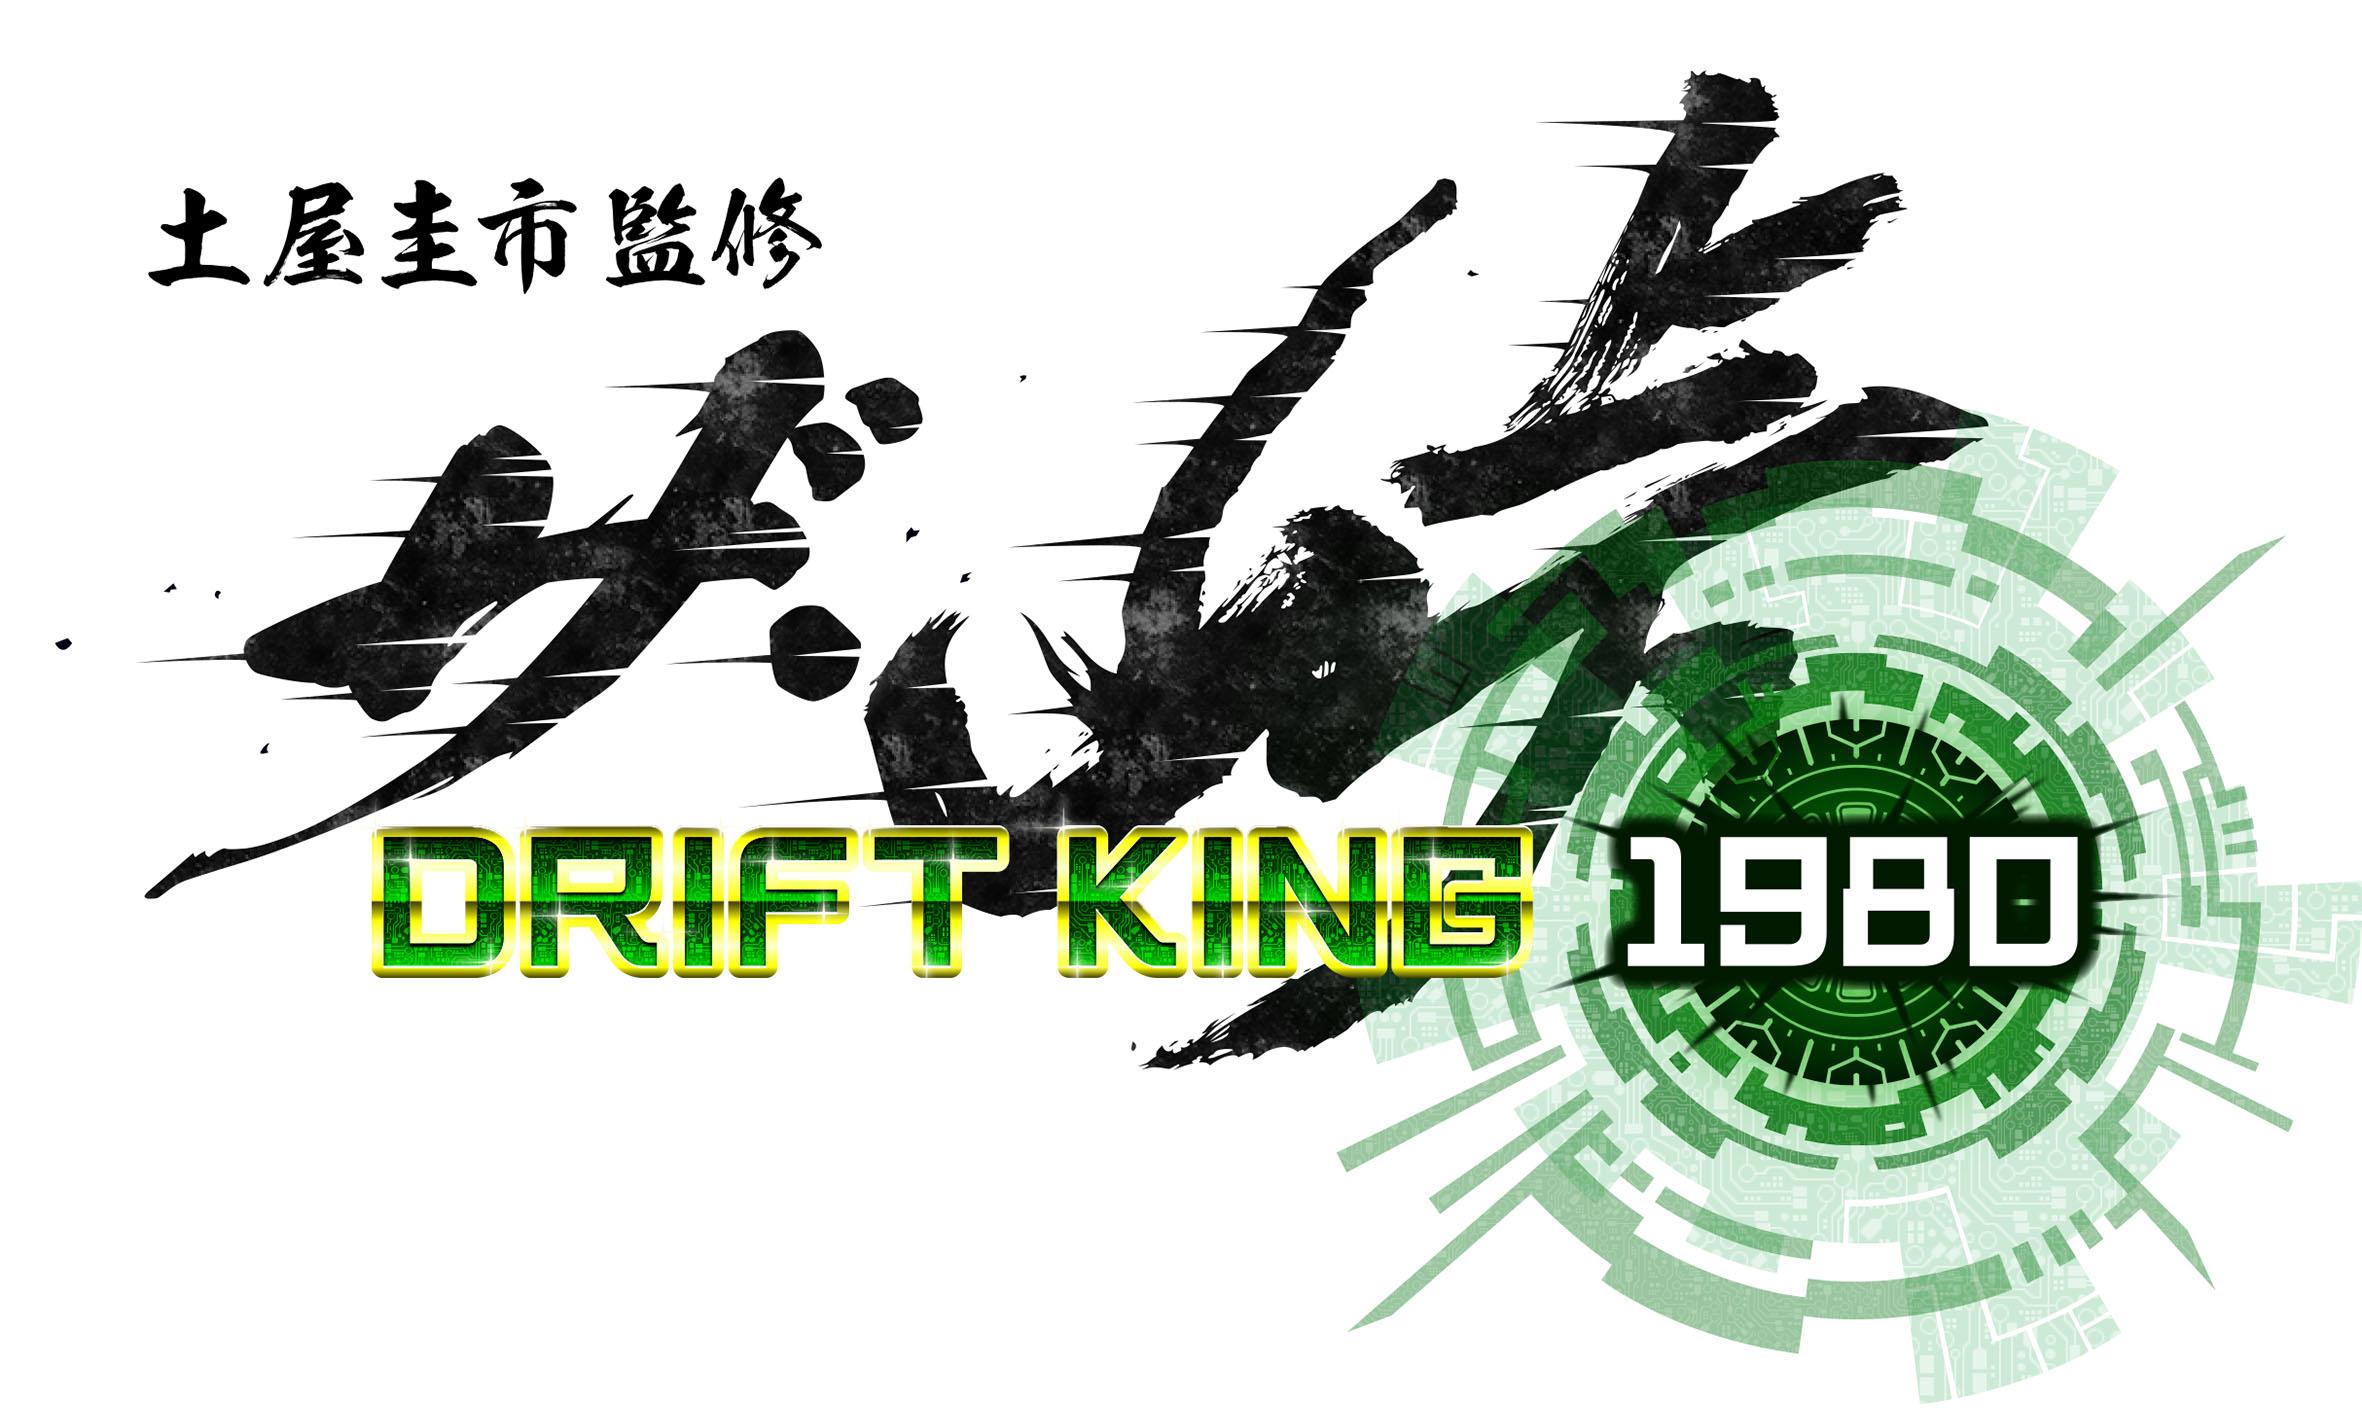 ザ・峠 ~DRIFT KING 1980~